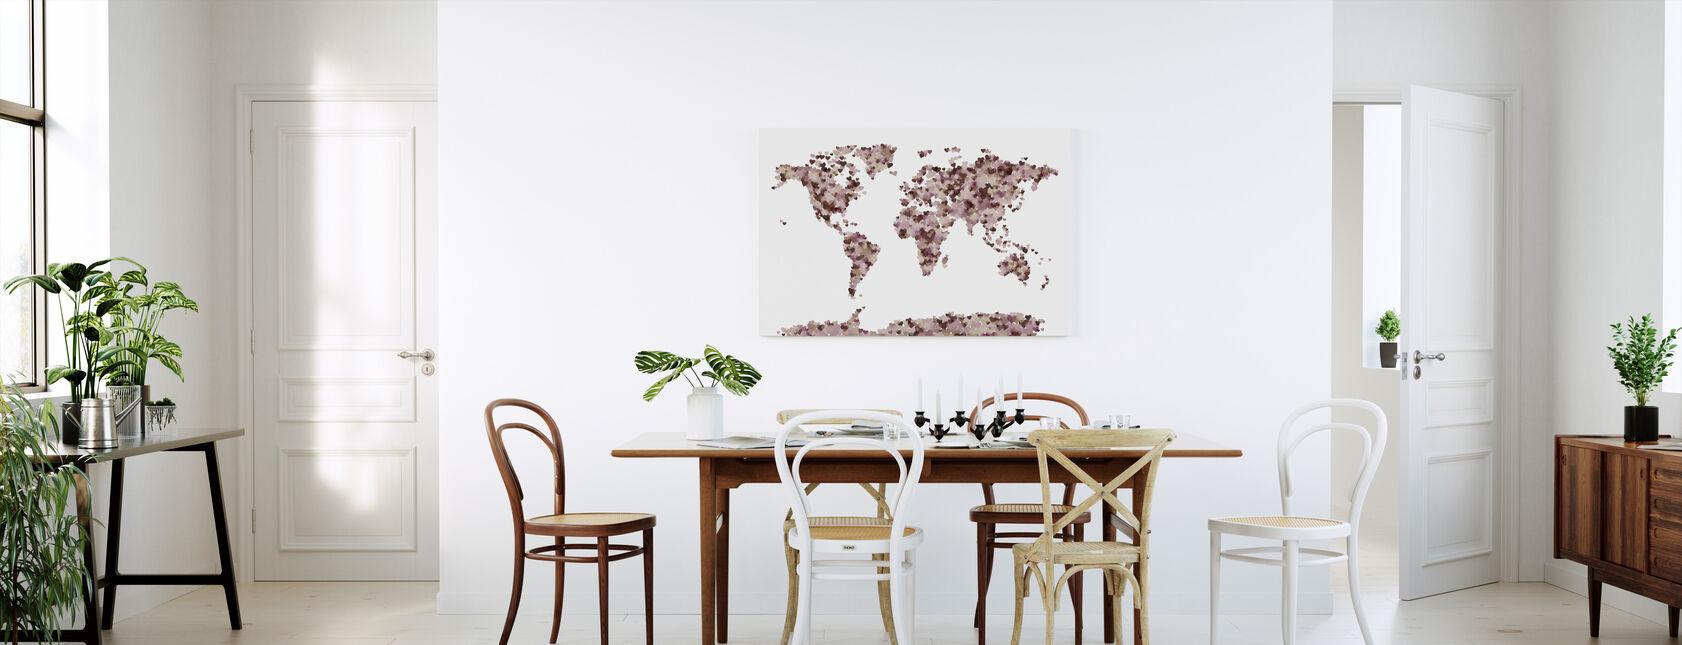 Carte du monde des coeurs Rose - Impression sur toile - Cuisine